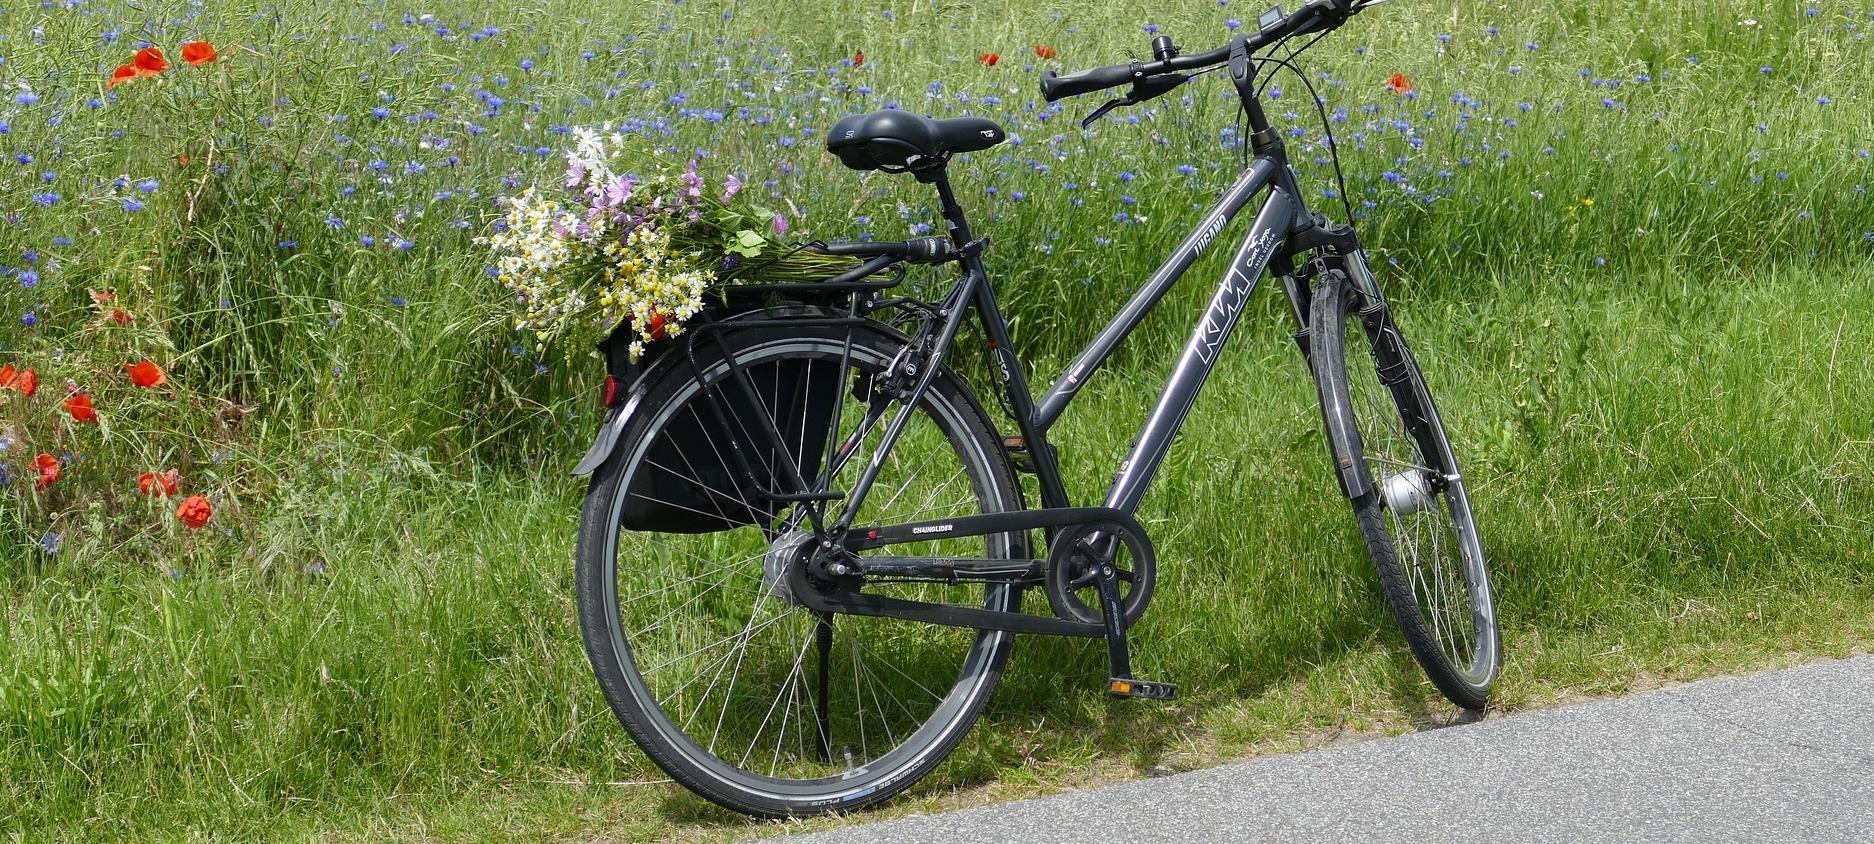 fahrrad fahren_HEADER NEU